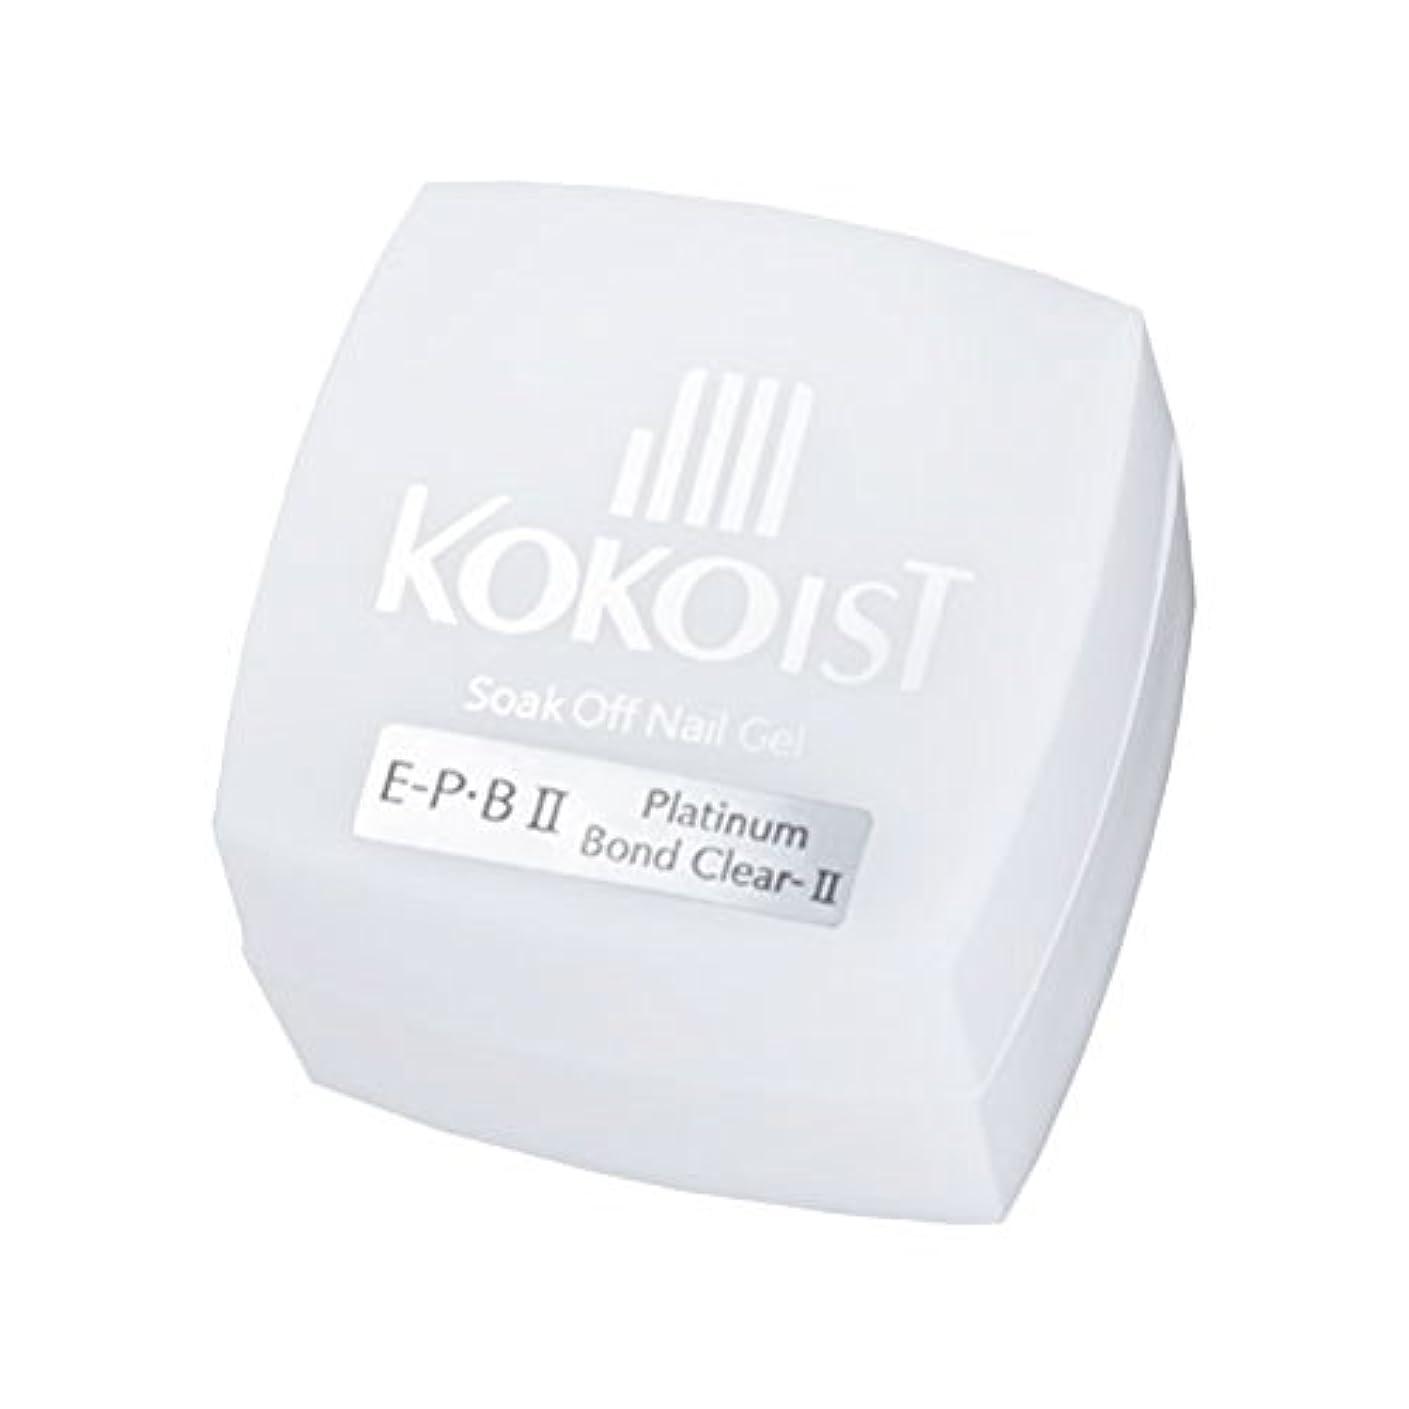 モードリンラッカス年次KOKOIST フ゜ラチナホ゛ント゛II 4g ジェル UV/LED対応